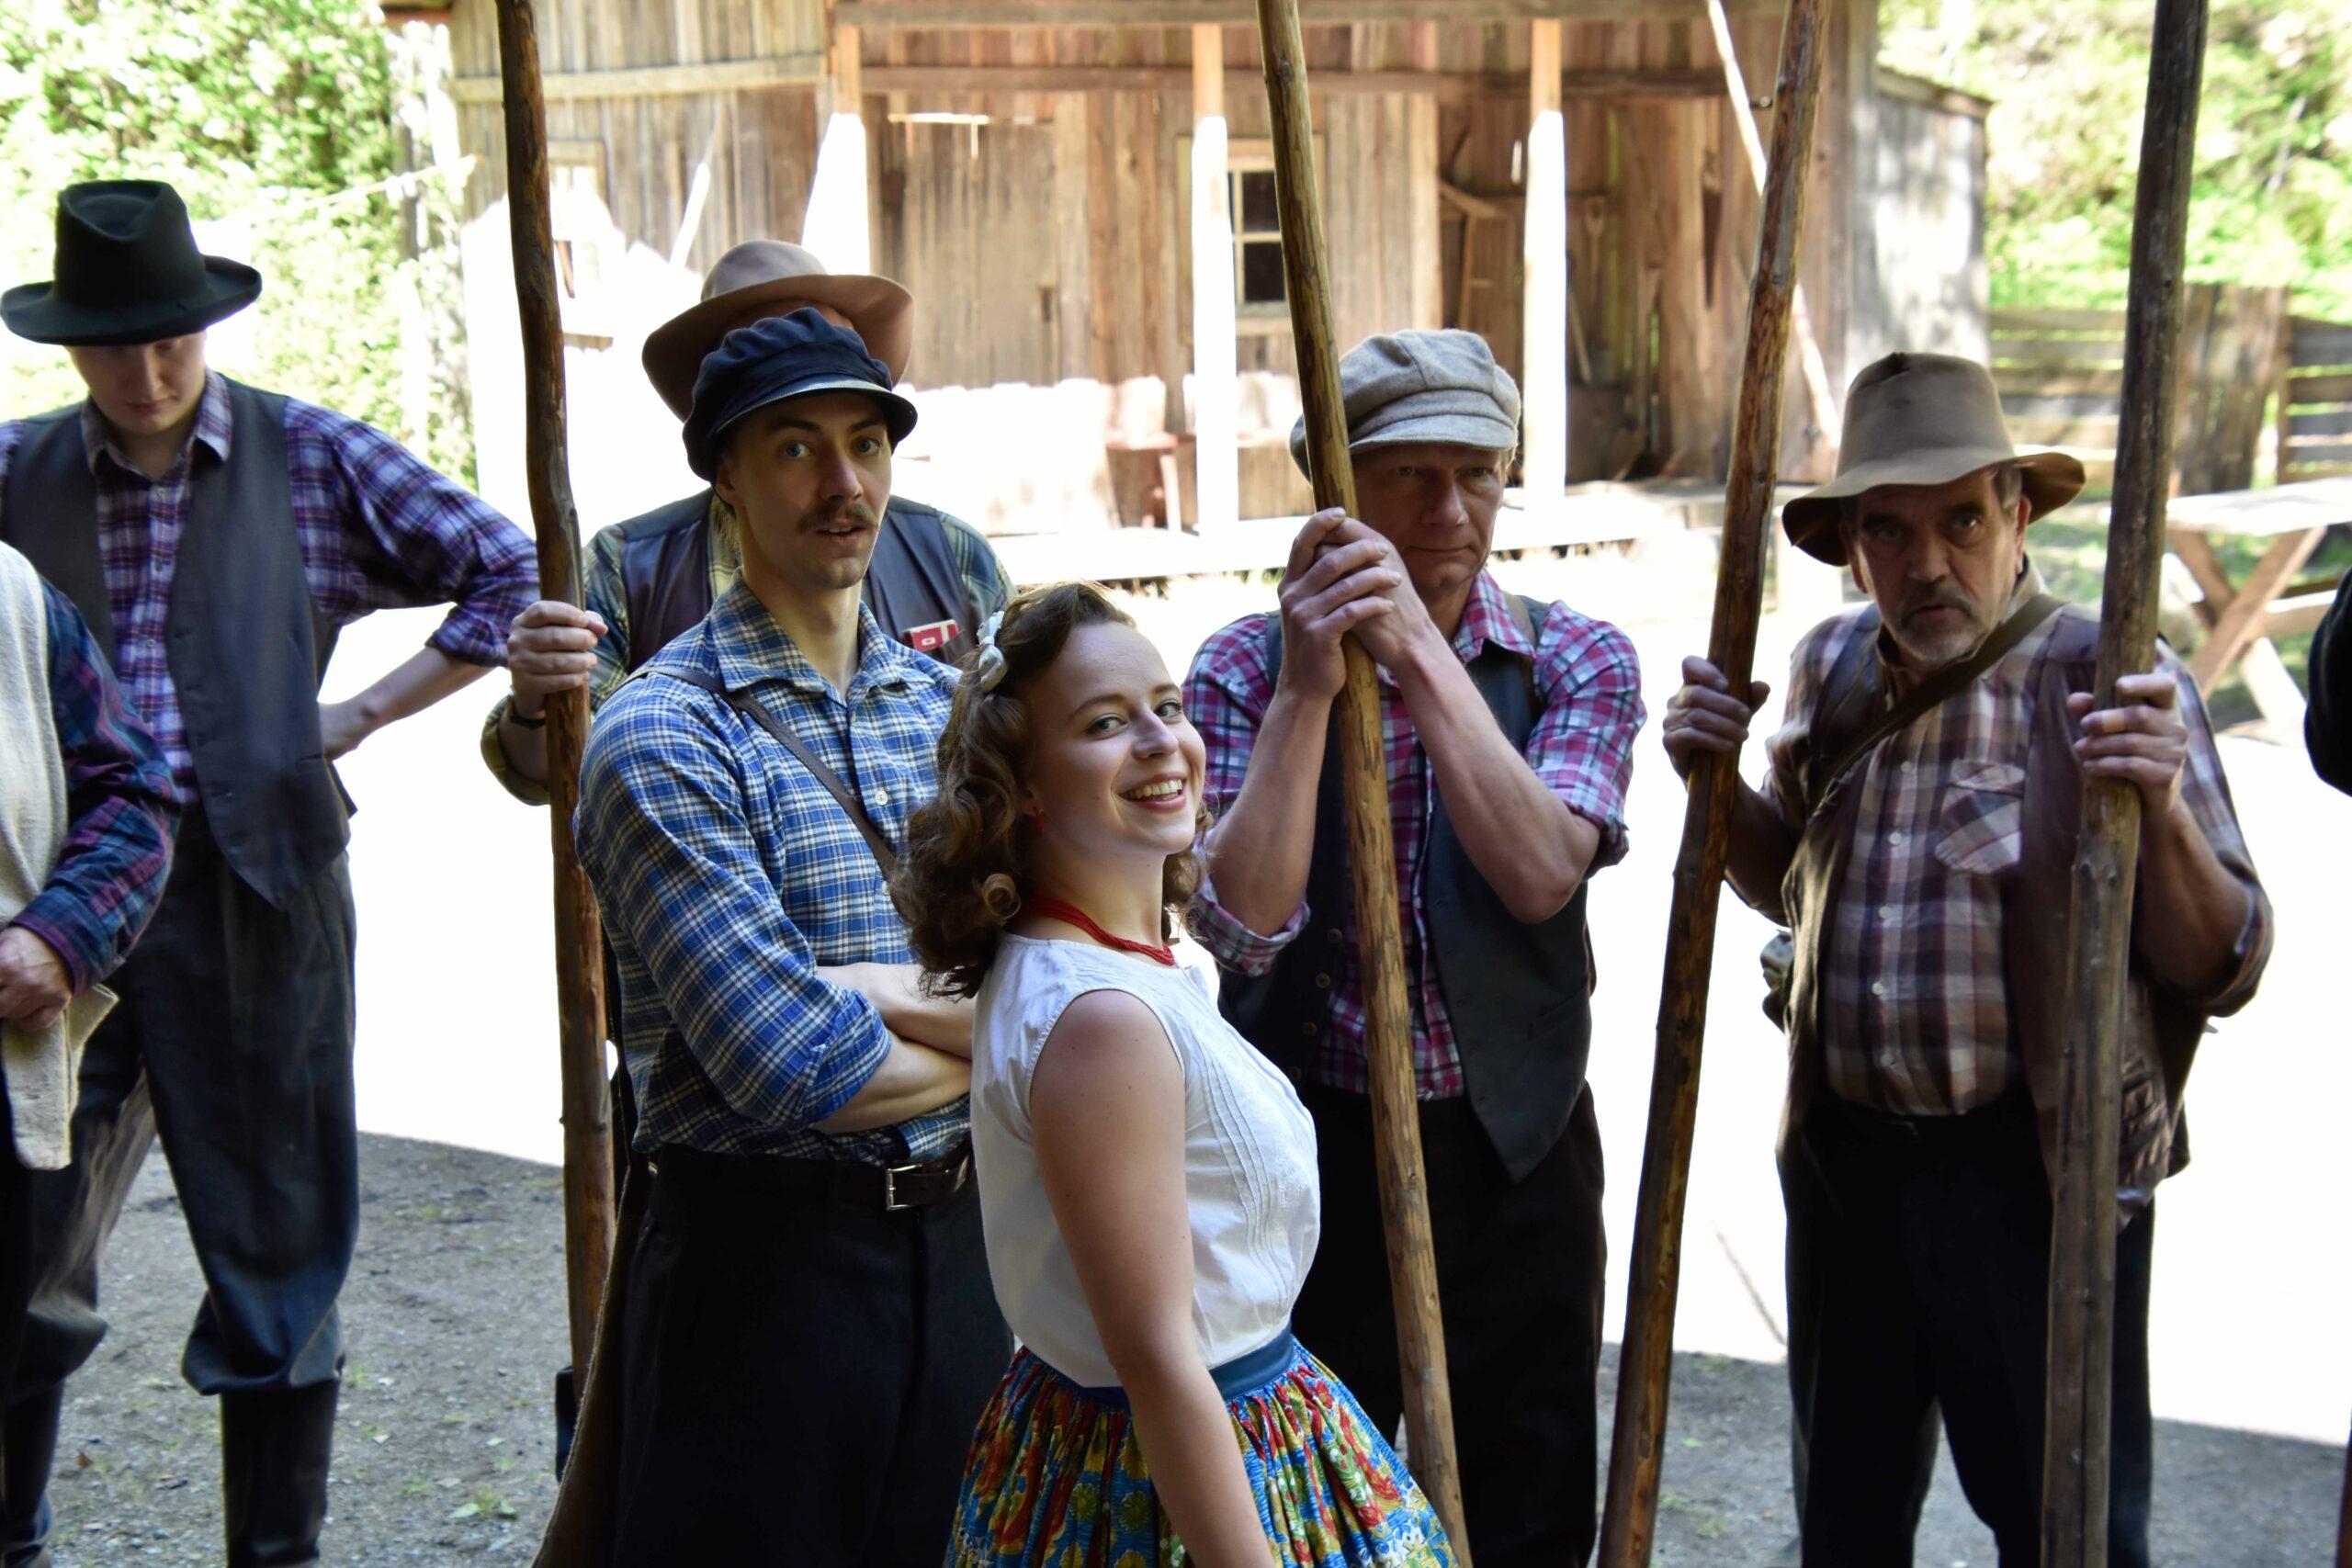 Tukkilaismiehet ja nainen hymyilemässä kesäteatterin näytelmässä.